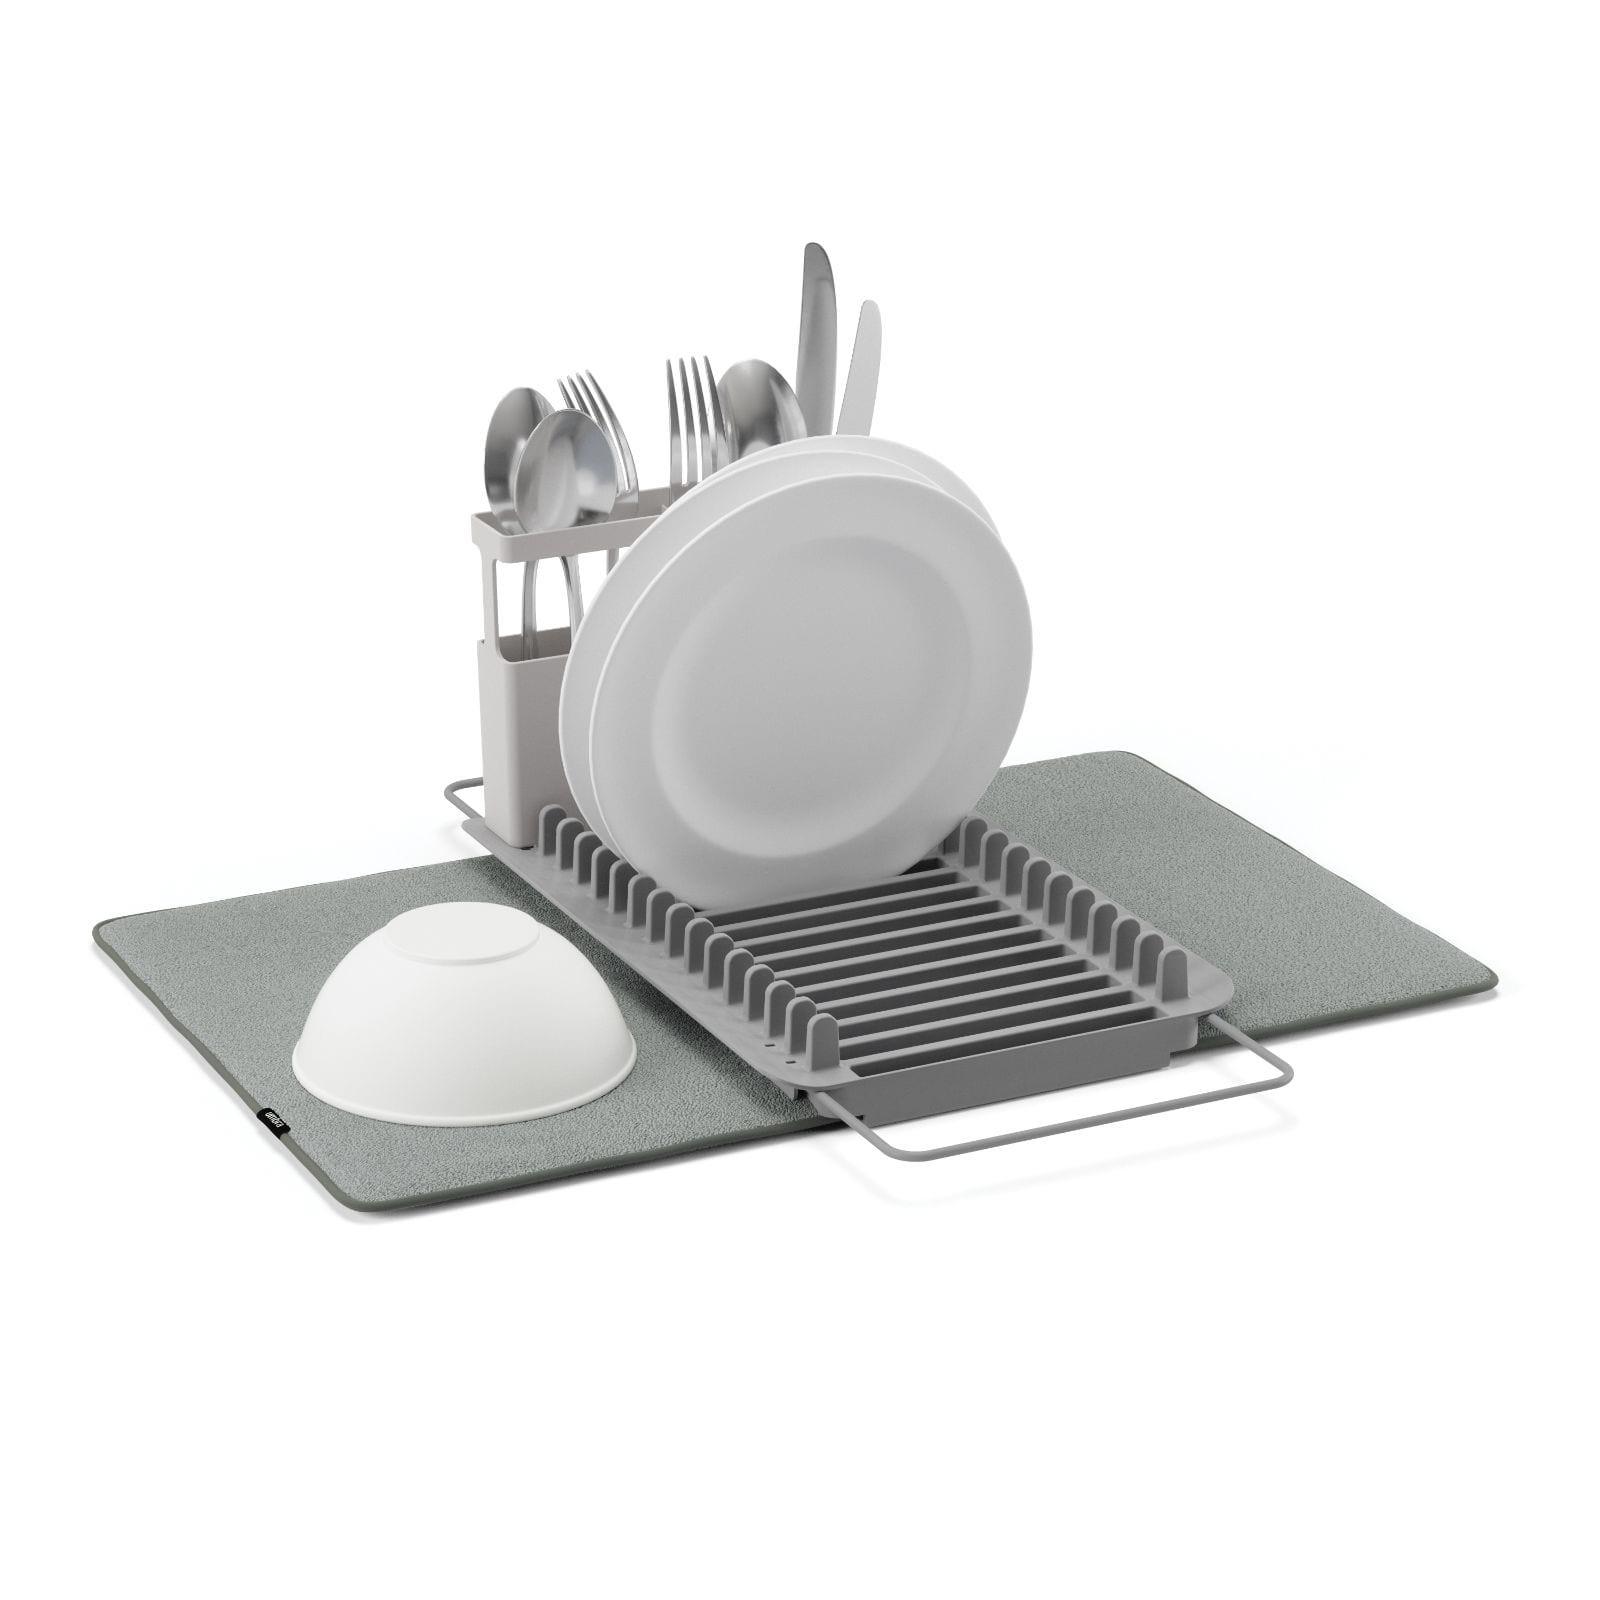 Αναδιπλούμενη Πιατοθήκη Udry Over the Sink (Γκρι) - Umbra